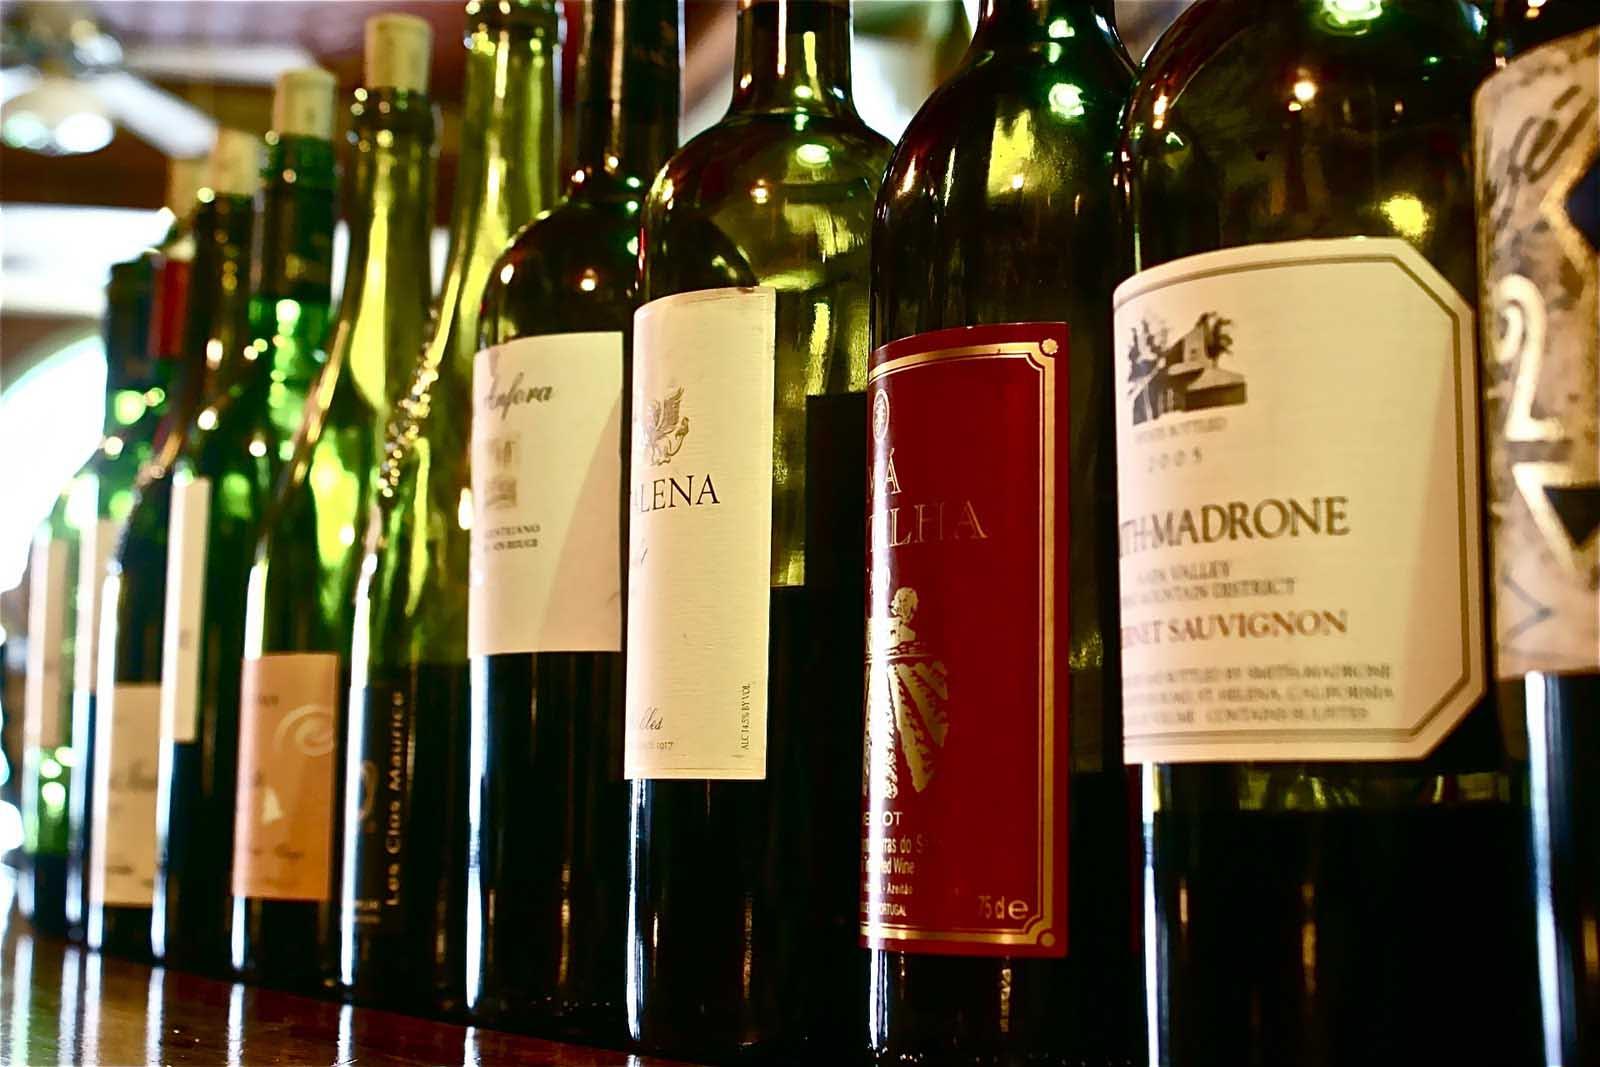 Wine tasting bottles